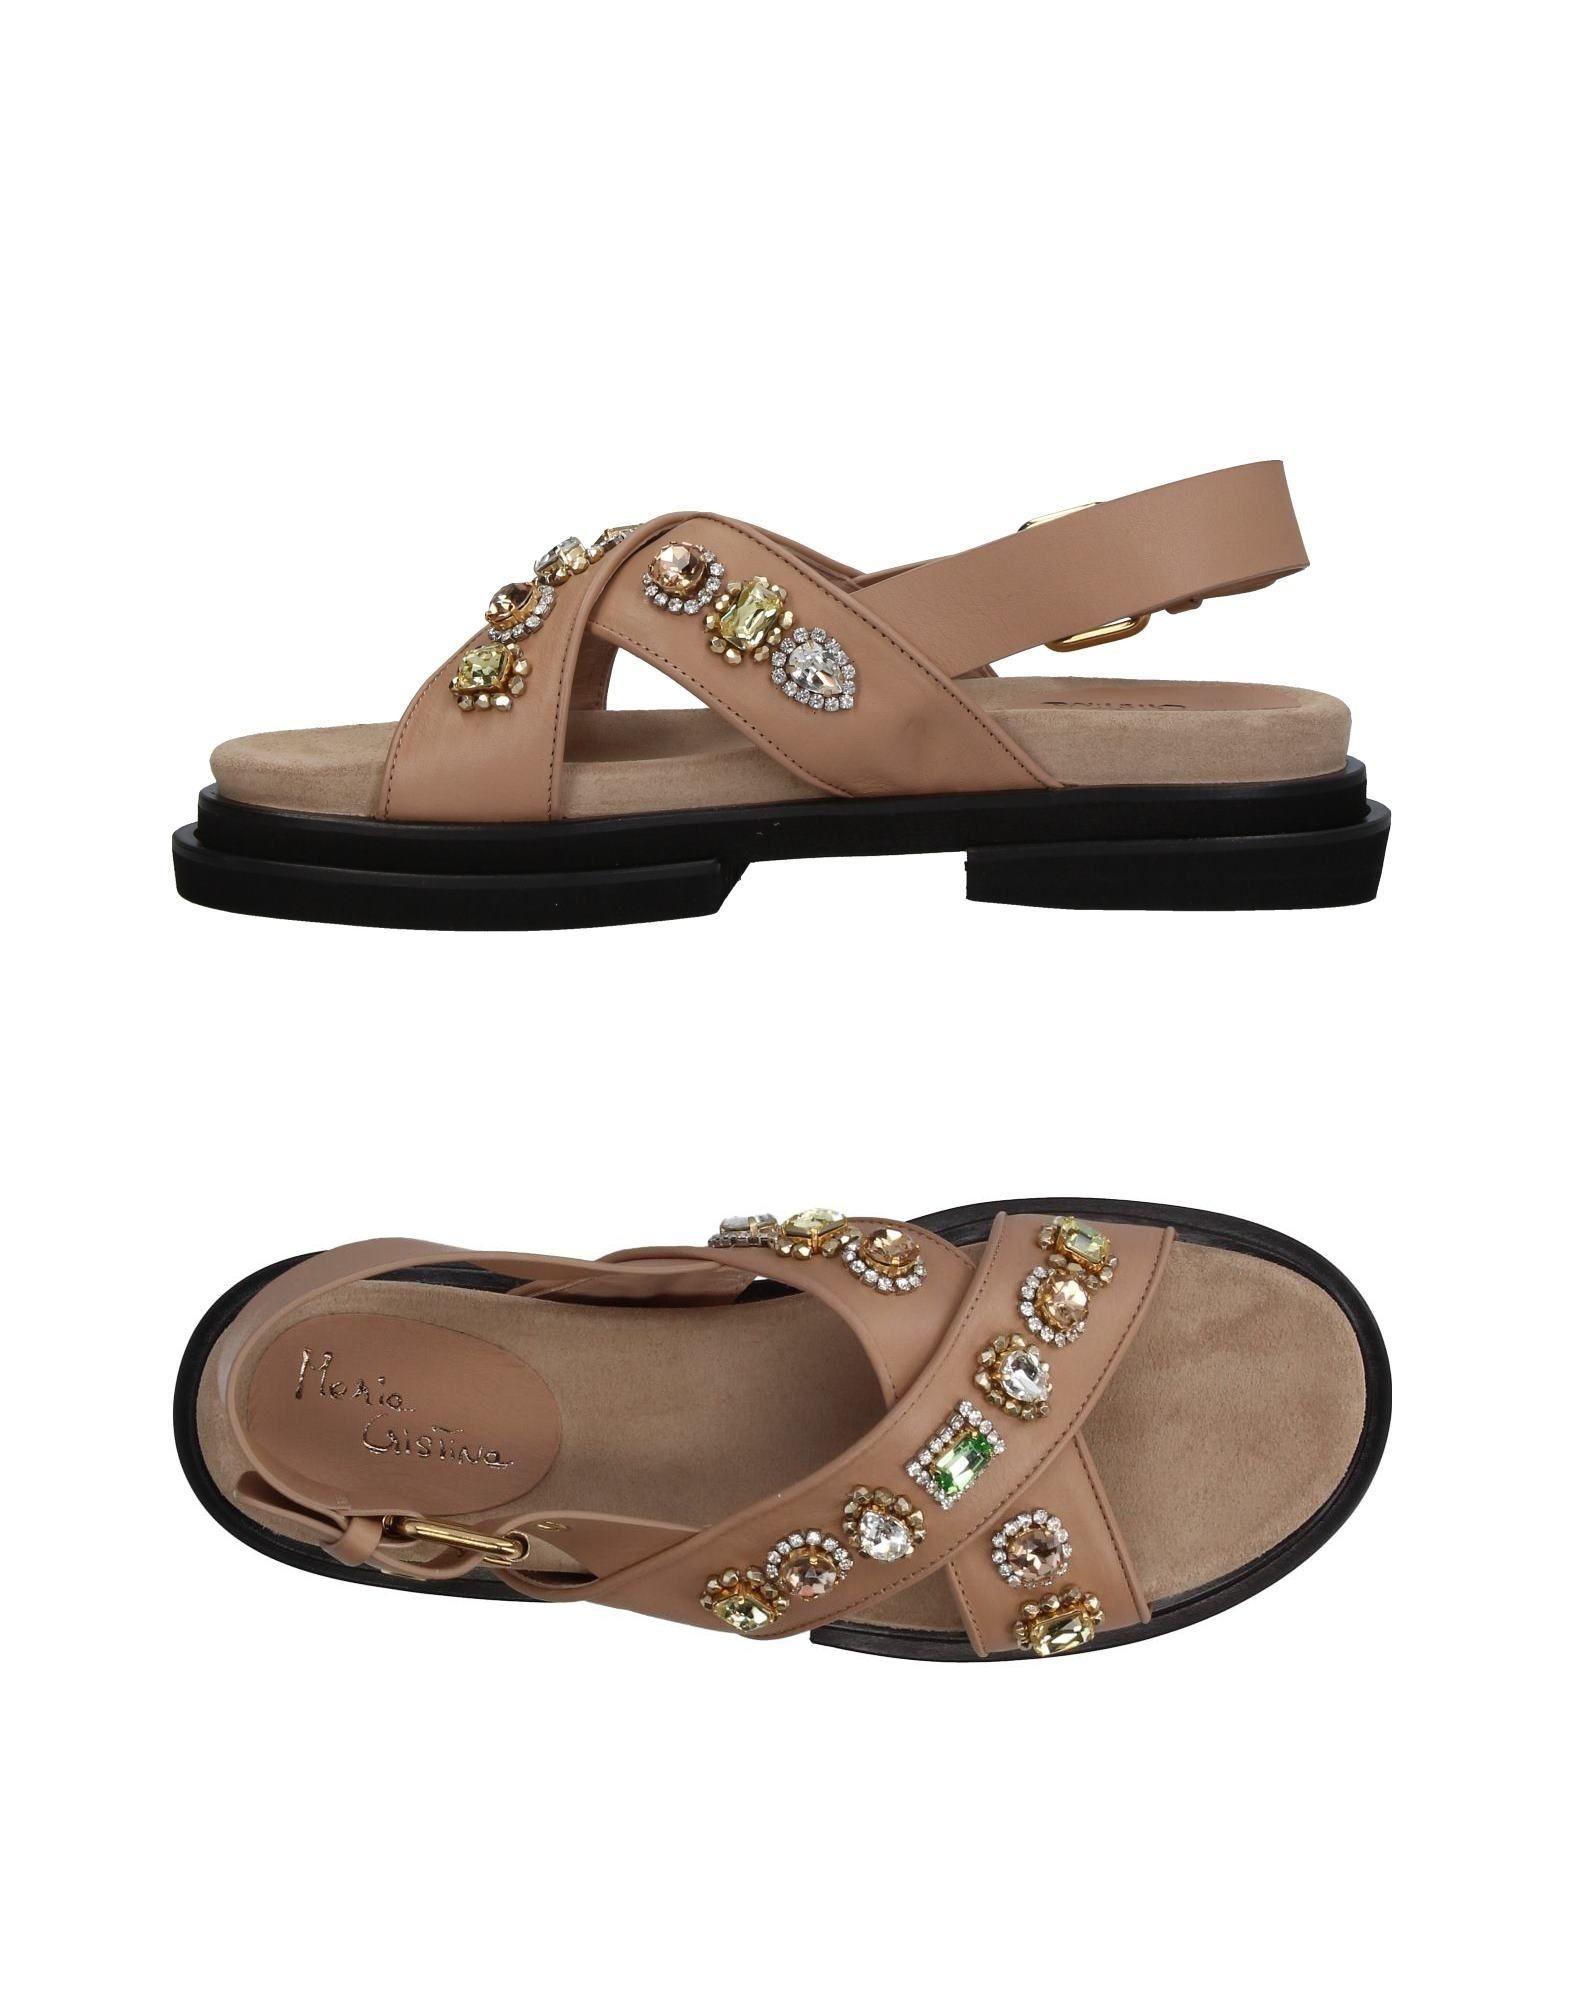 Maria Cristina Sandalen Damen  11374645XL Gute Qualität beliebte Schuhe